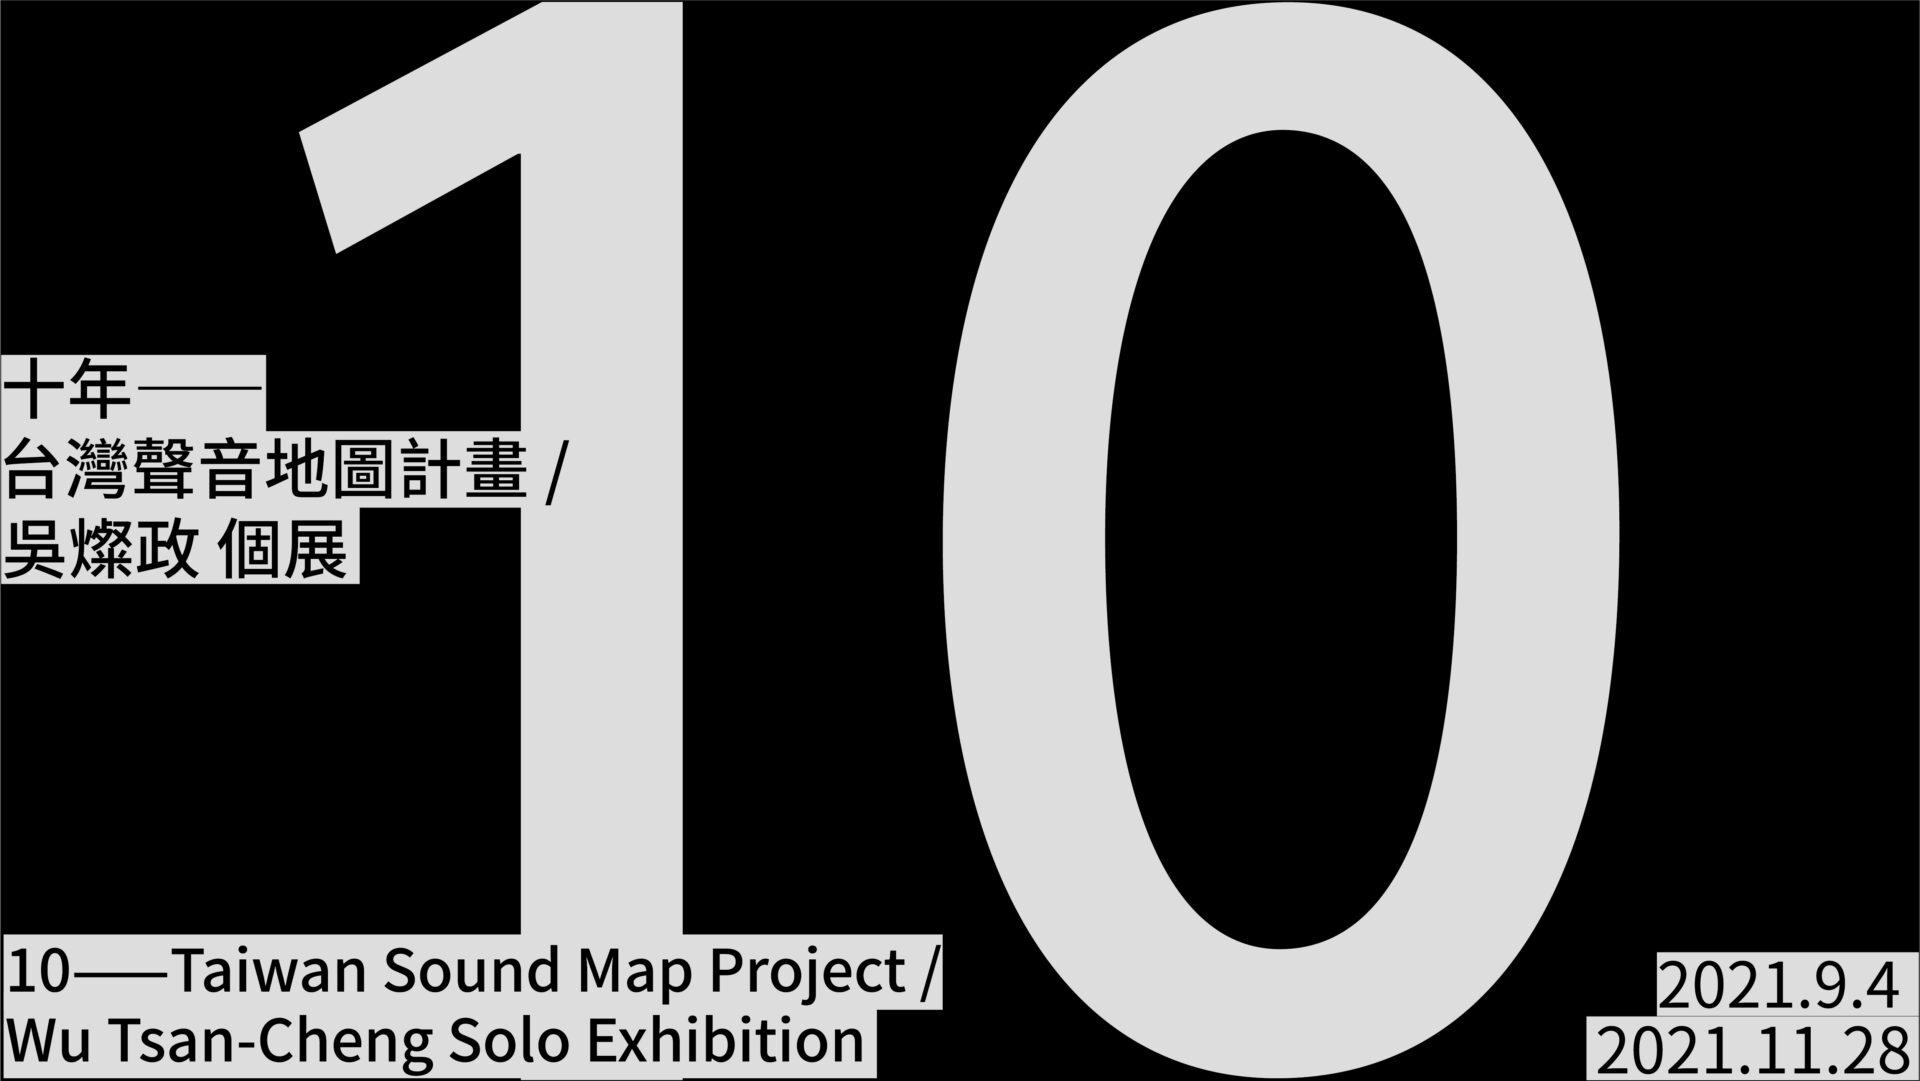 臺北市立美術館:9/4-11/28【十年 – 台灣聲音地圖計畫/吳燦政個展】